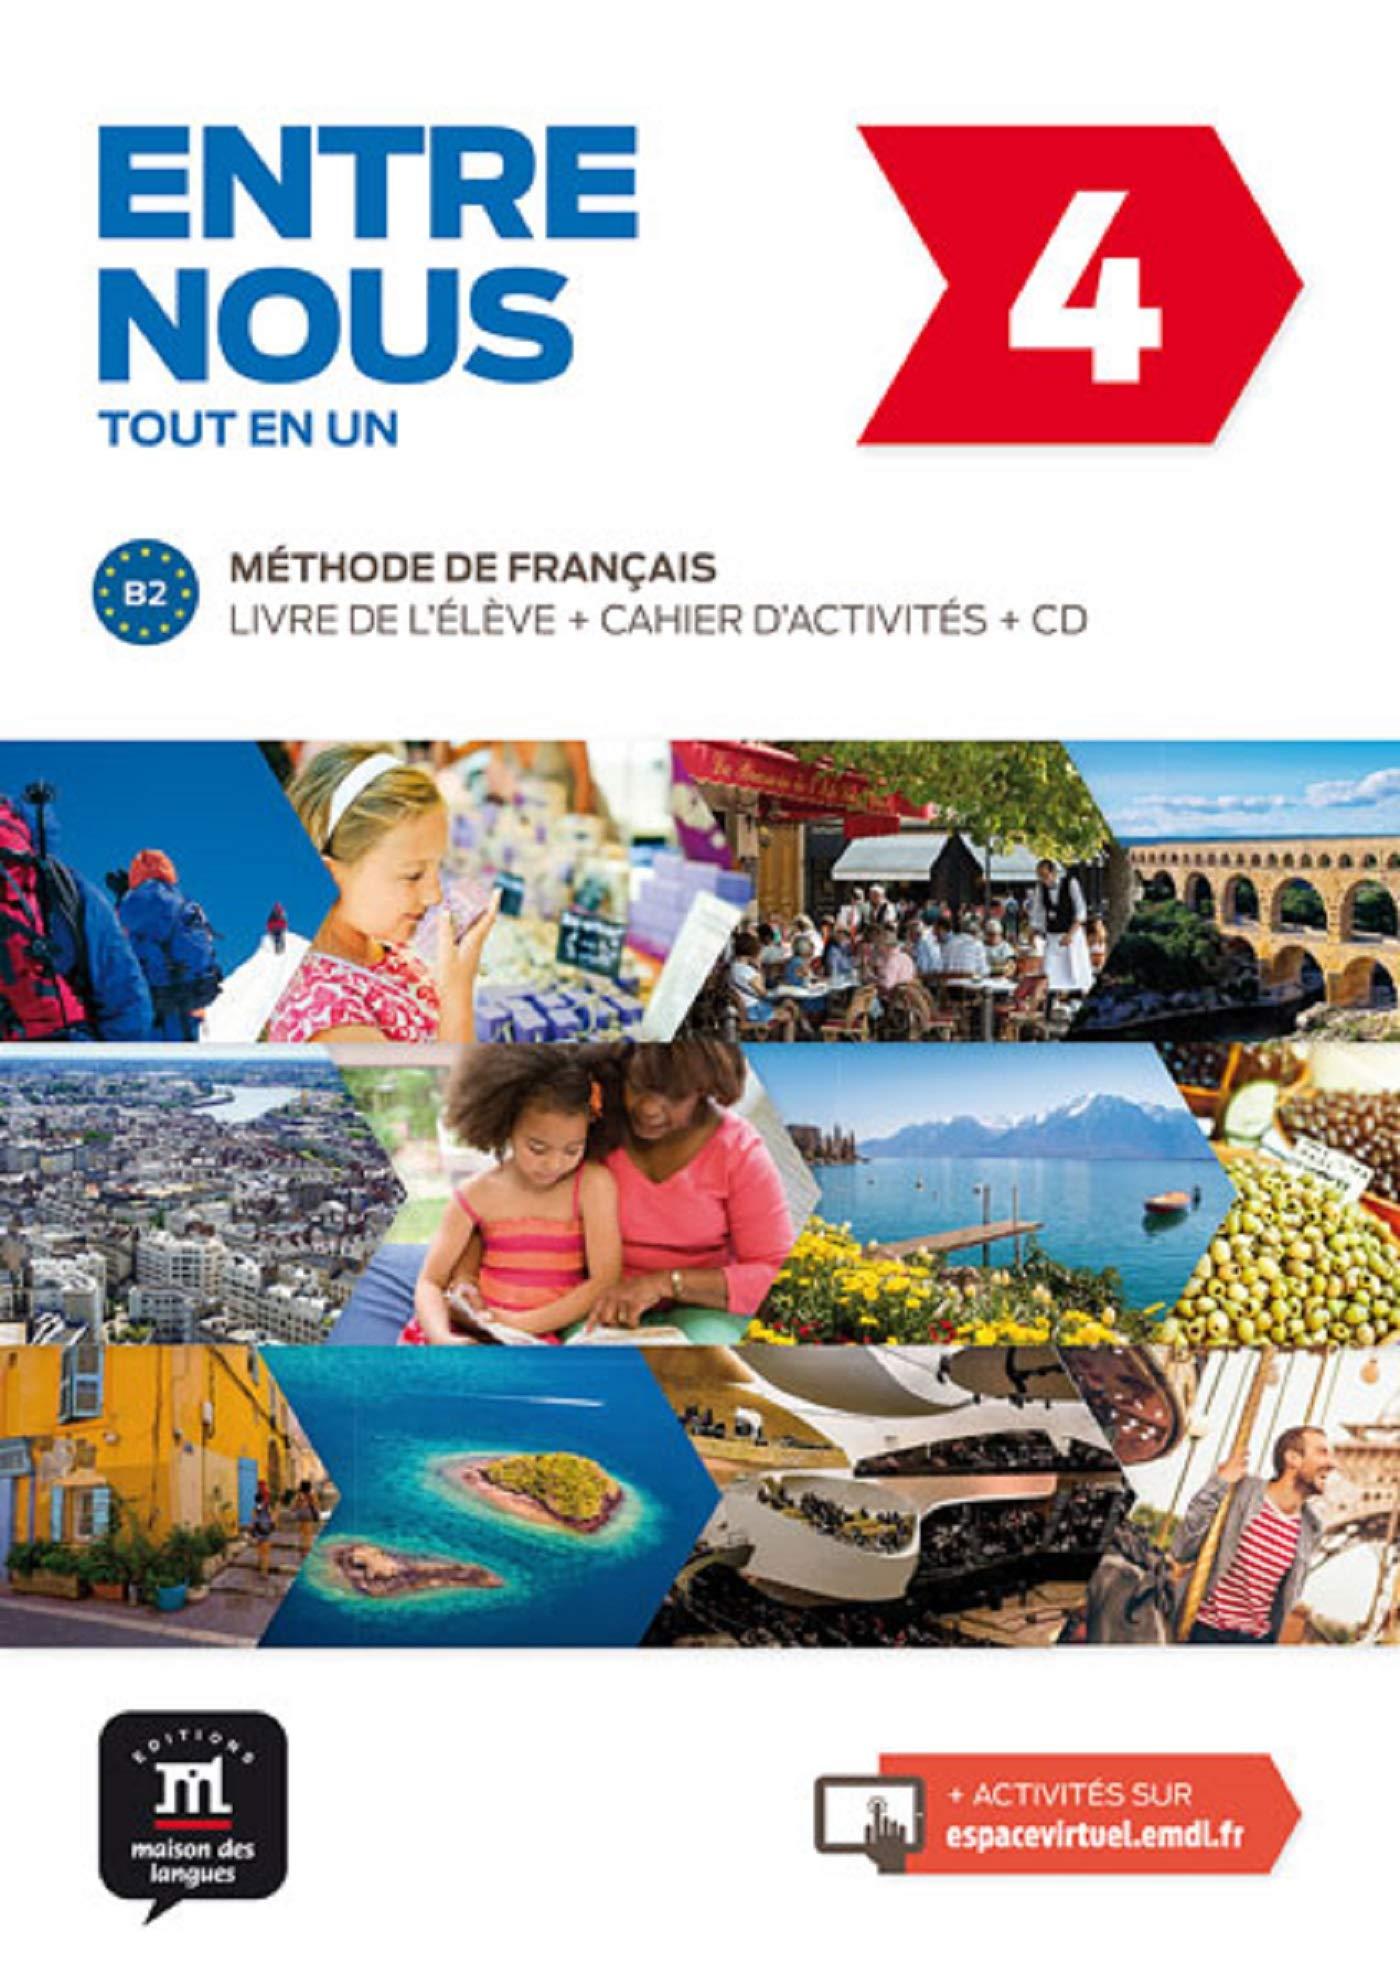 ENTRE NOUS LIVRE DE LÉLÈVE + CD + CAHIER DACTIVITÉS-B2